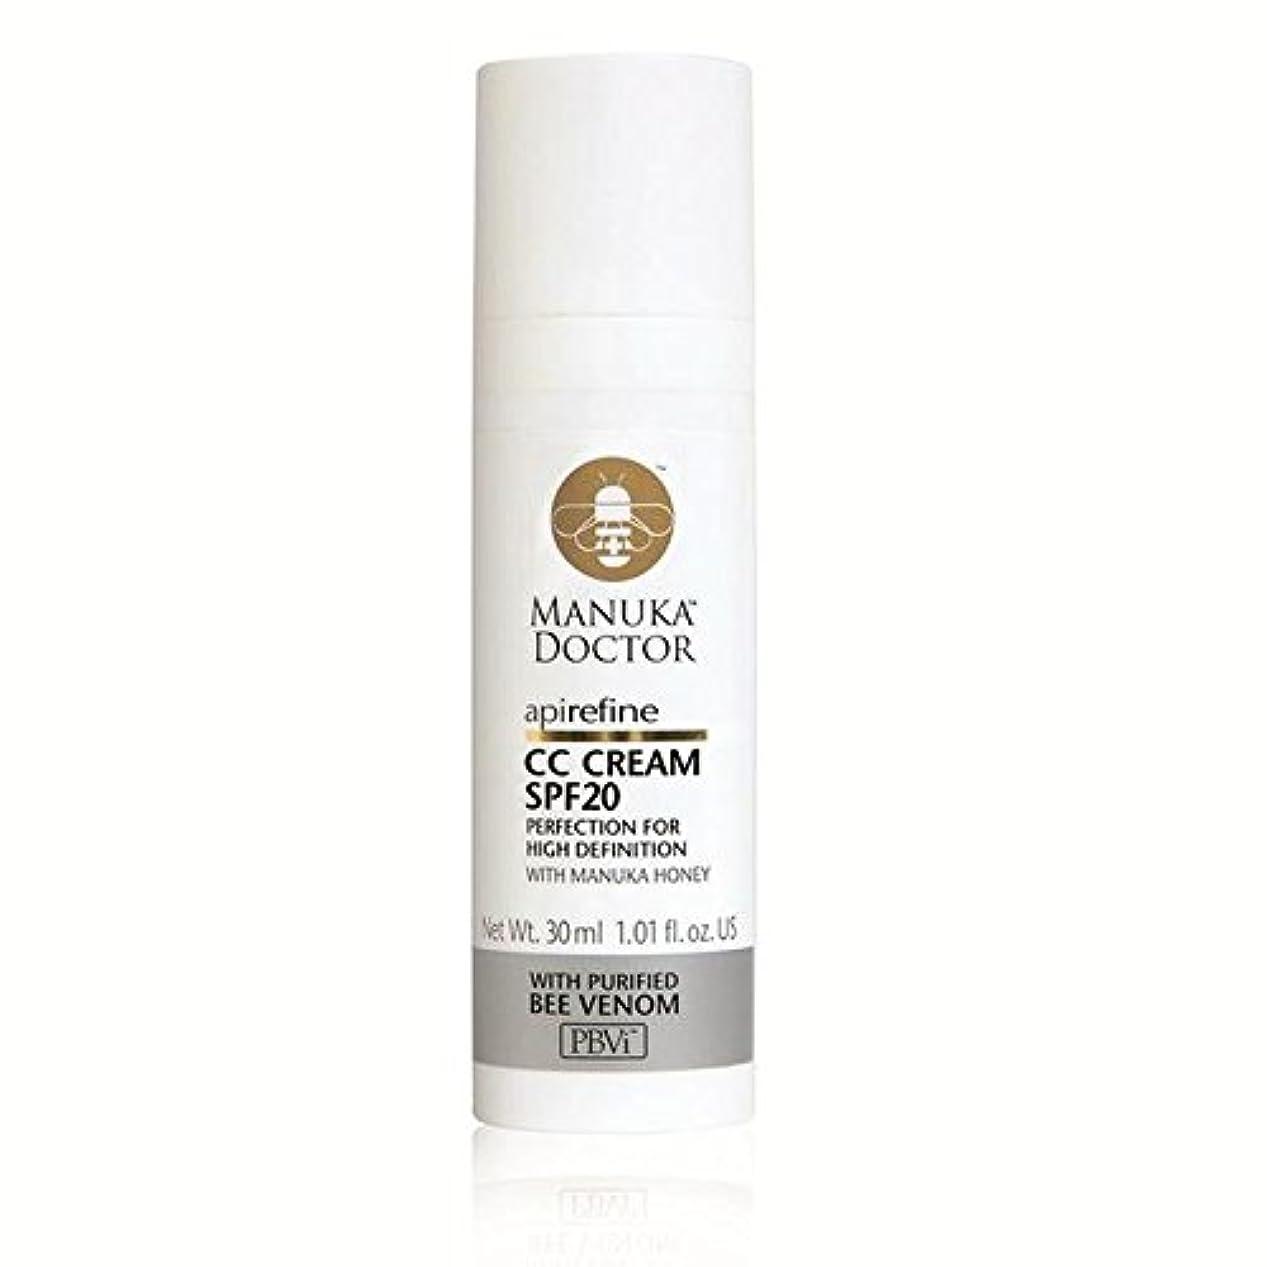 六月抑圧する法廷Manuka Doctor Api Refine CC Cream with SPF20 30ml - 20 30ミリリットルとマヌカドクターリファインクリーム [並行輸入品]